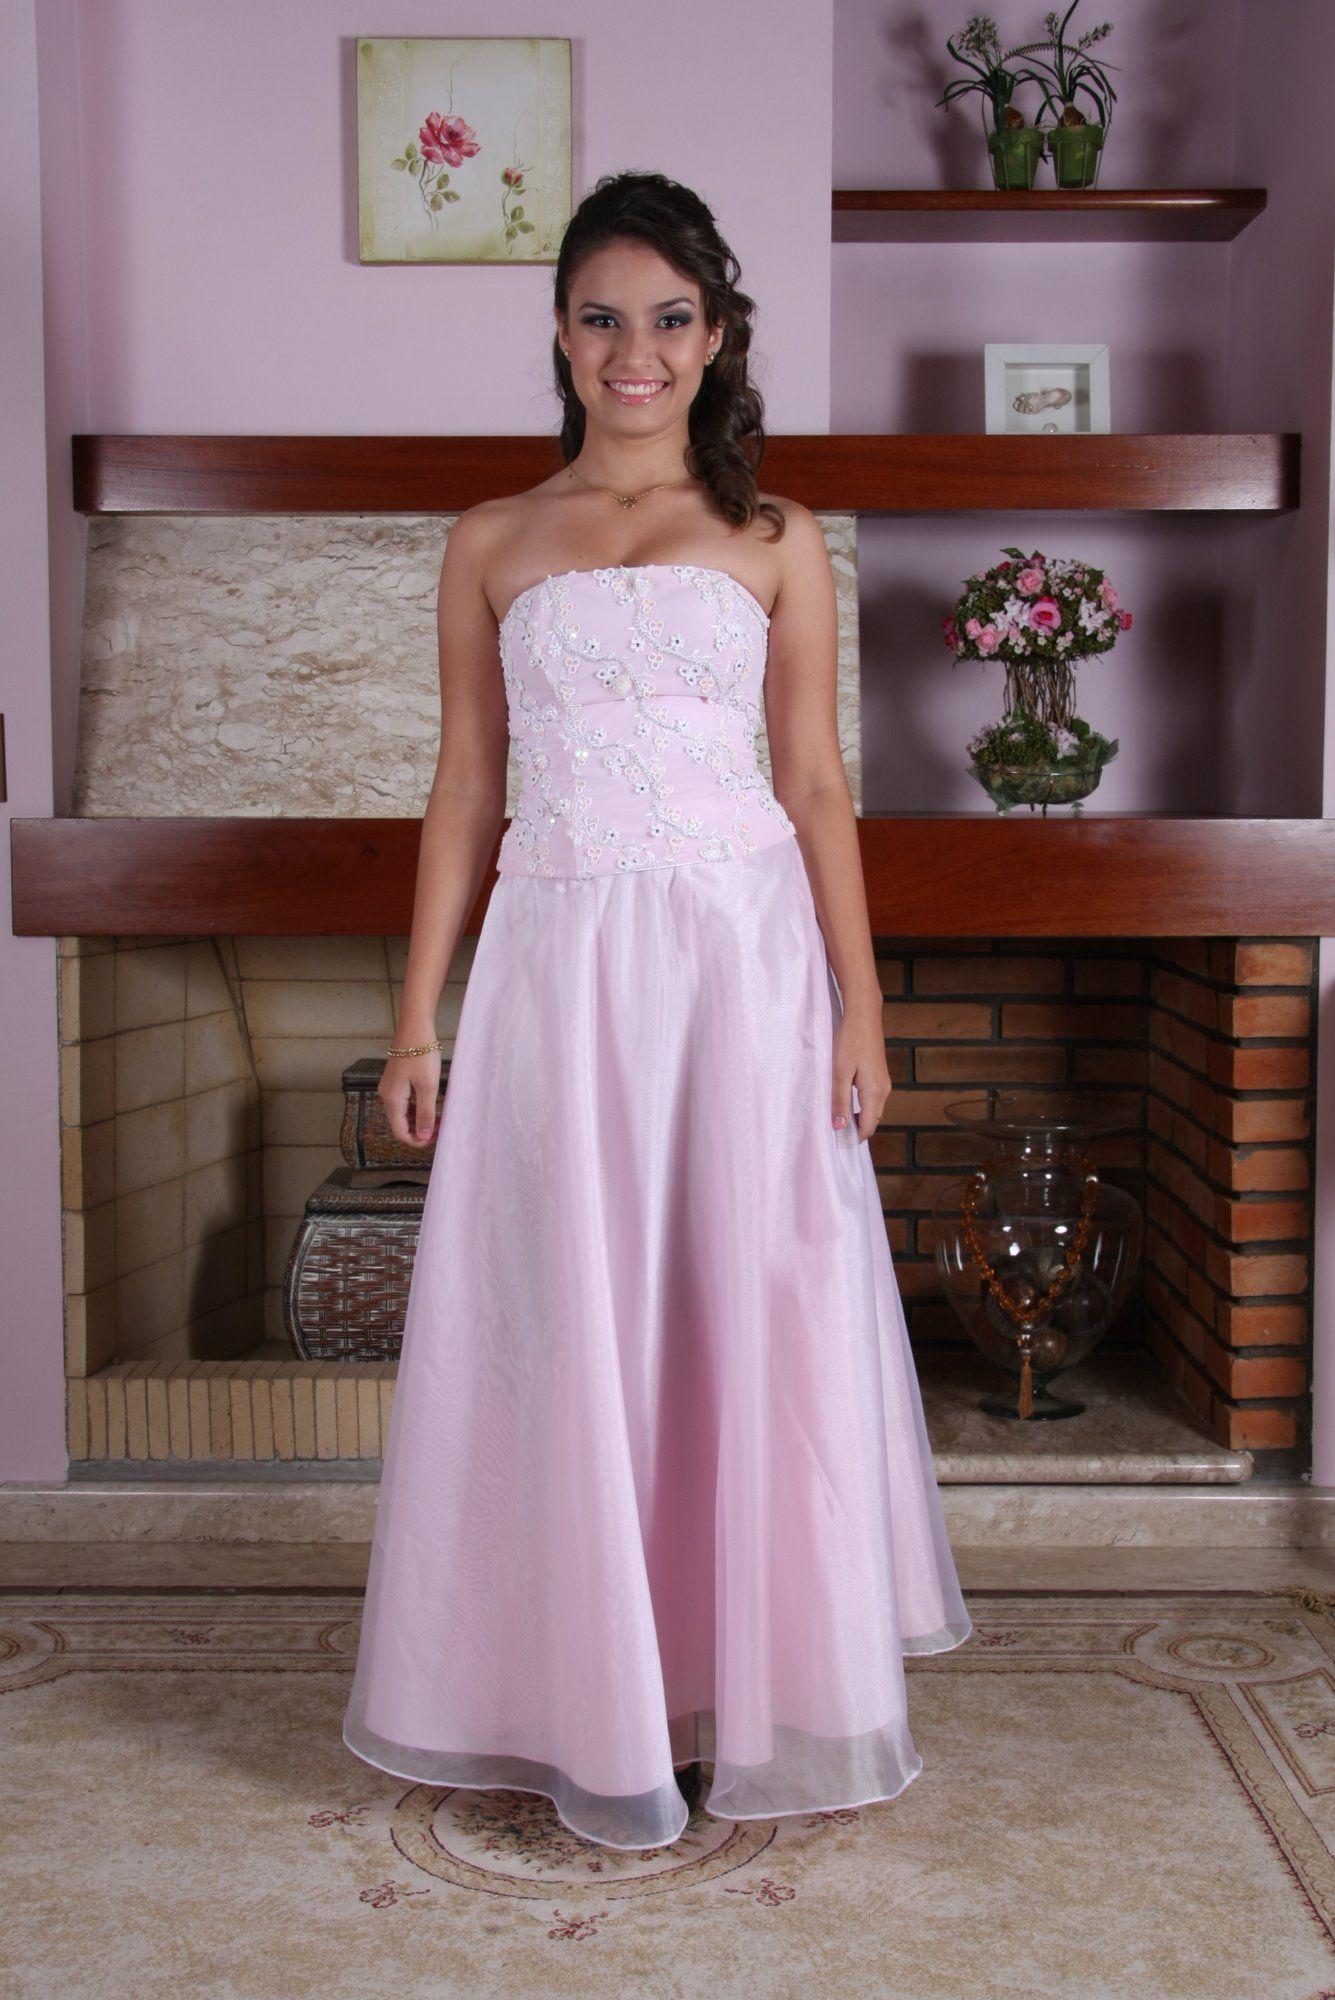 Vestido de Debutante Rosa - 14 - Hipnose Alta Costura e Spa para Noivas e Noivos - Campinas - SP Vestido de Debutante, Vestido de Debutante Rosa, Hipnose Alta Costura